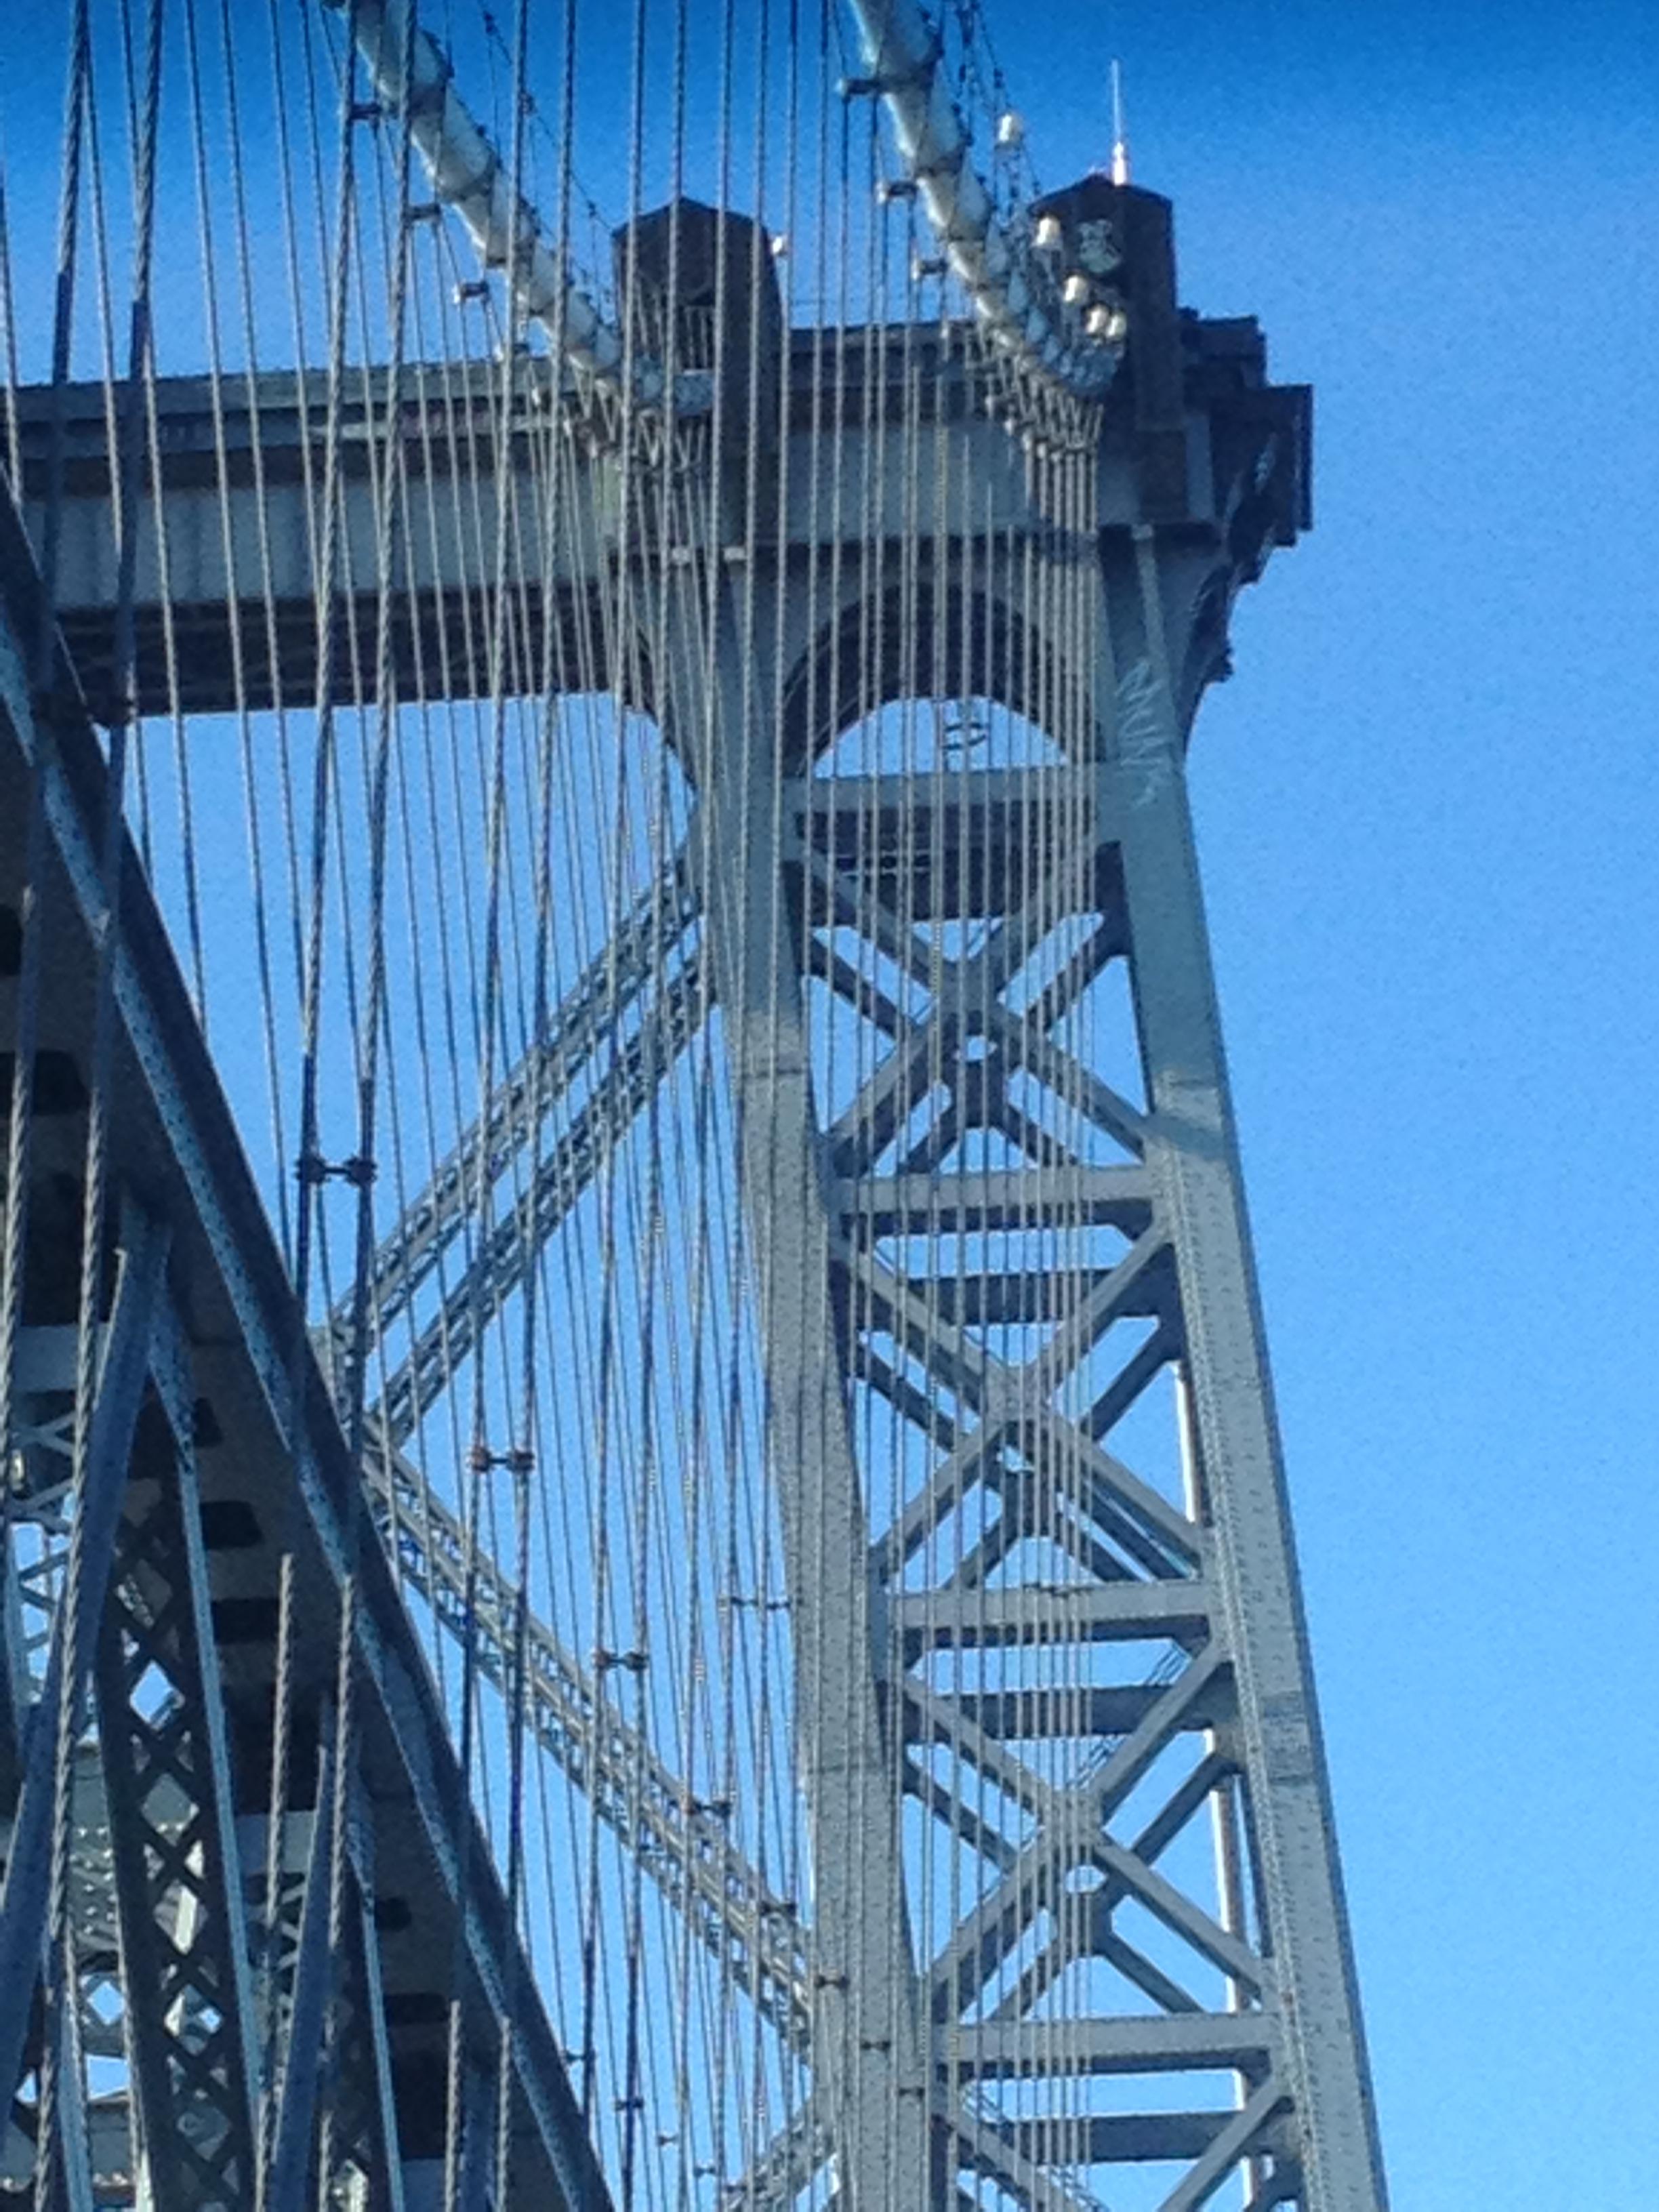 Williamsburg Bridge Inspections